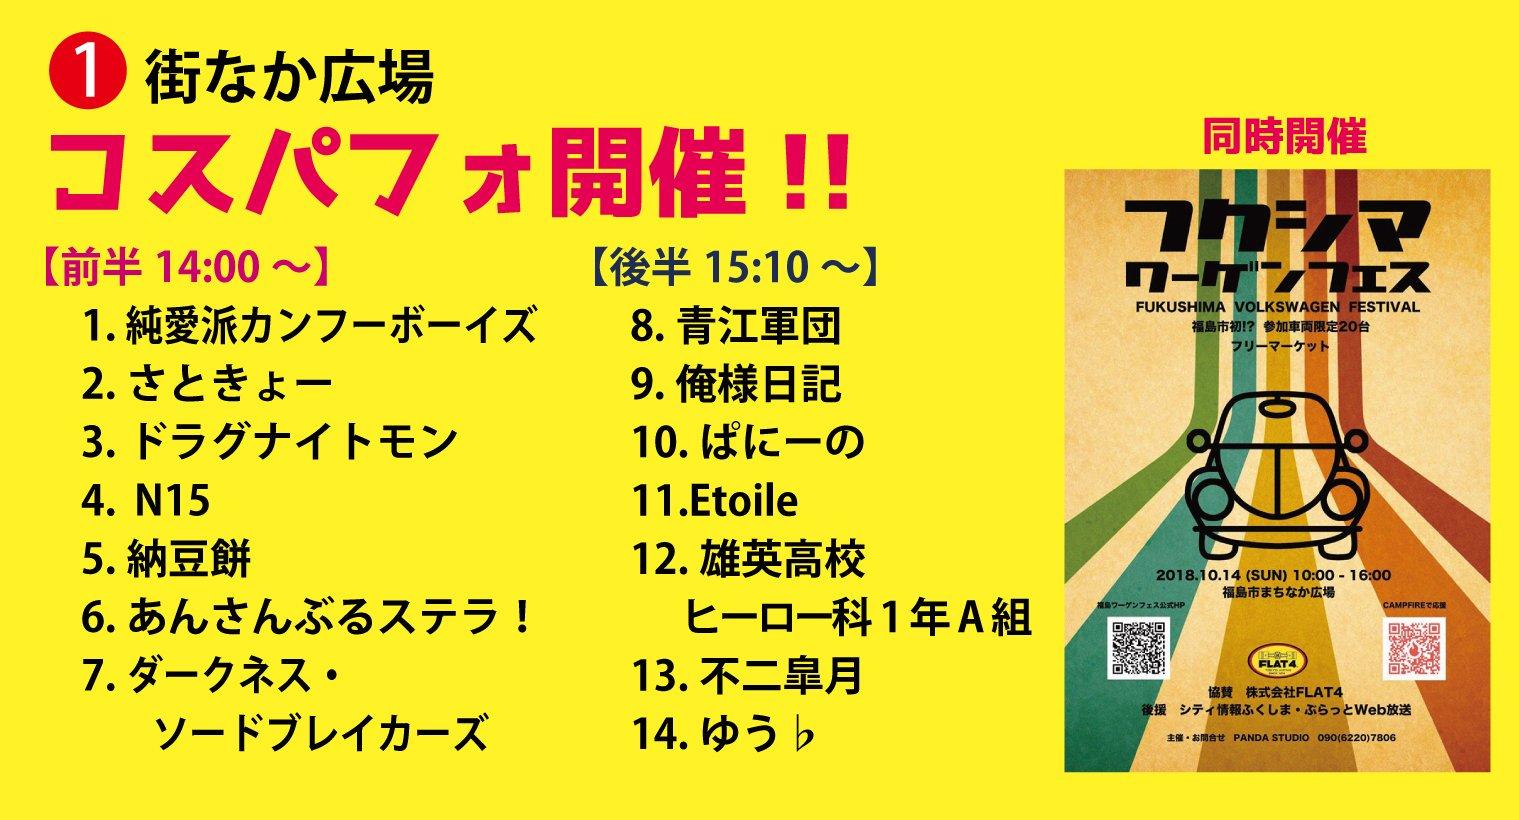 福島市・イベント・七夕・祭り・イルミネーション・コスプレ・街コス | パセオ通りのイベント情報